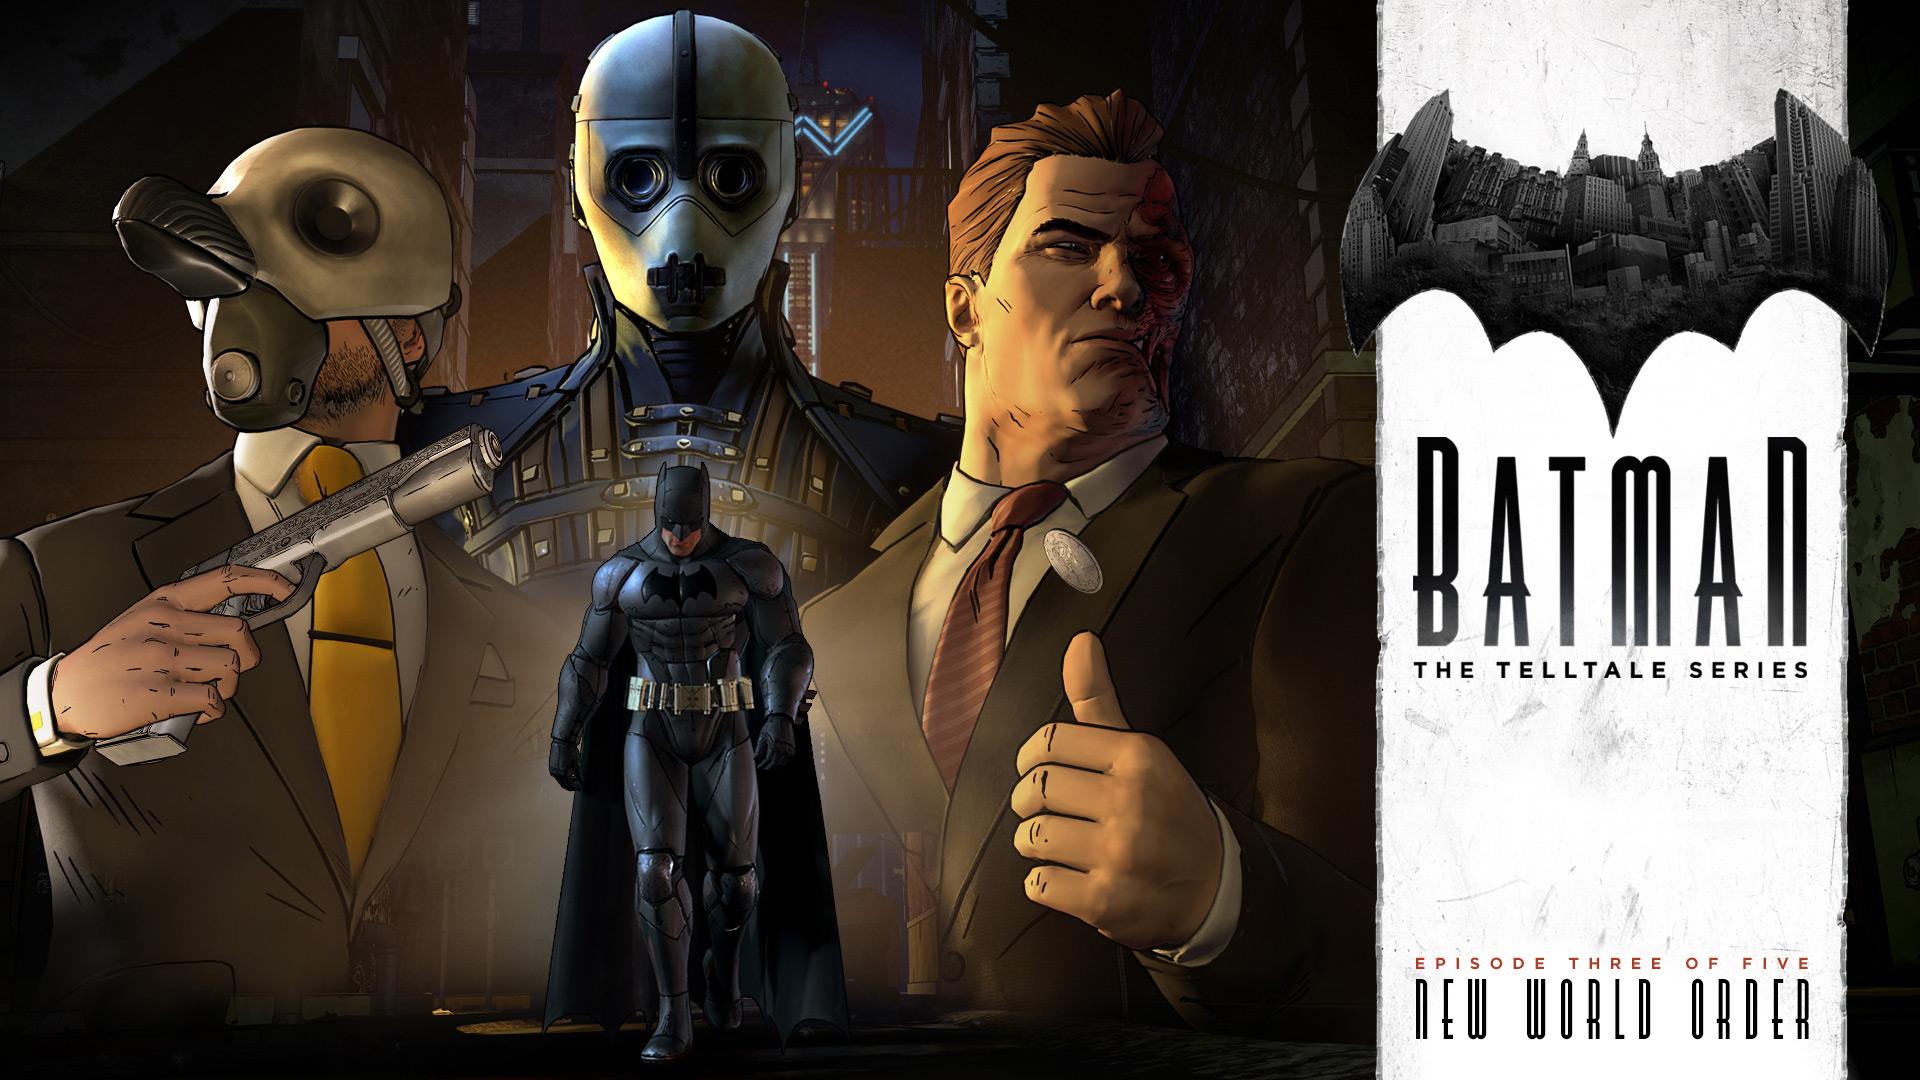 Telltale's Batman Episode 3: New World Order Gets a Trailer